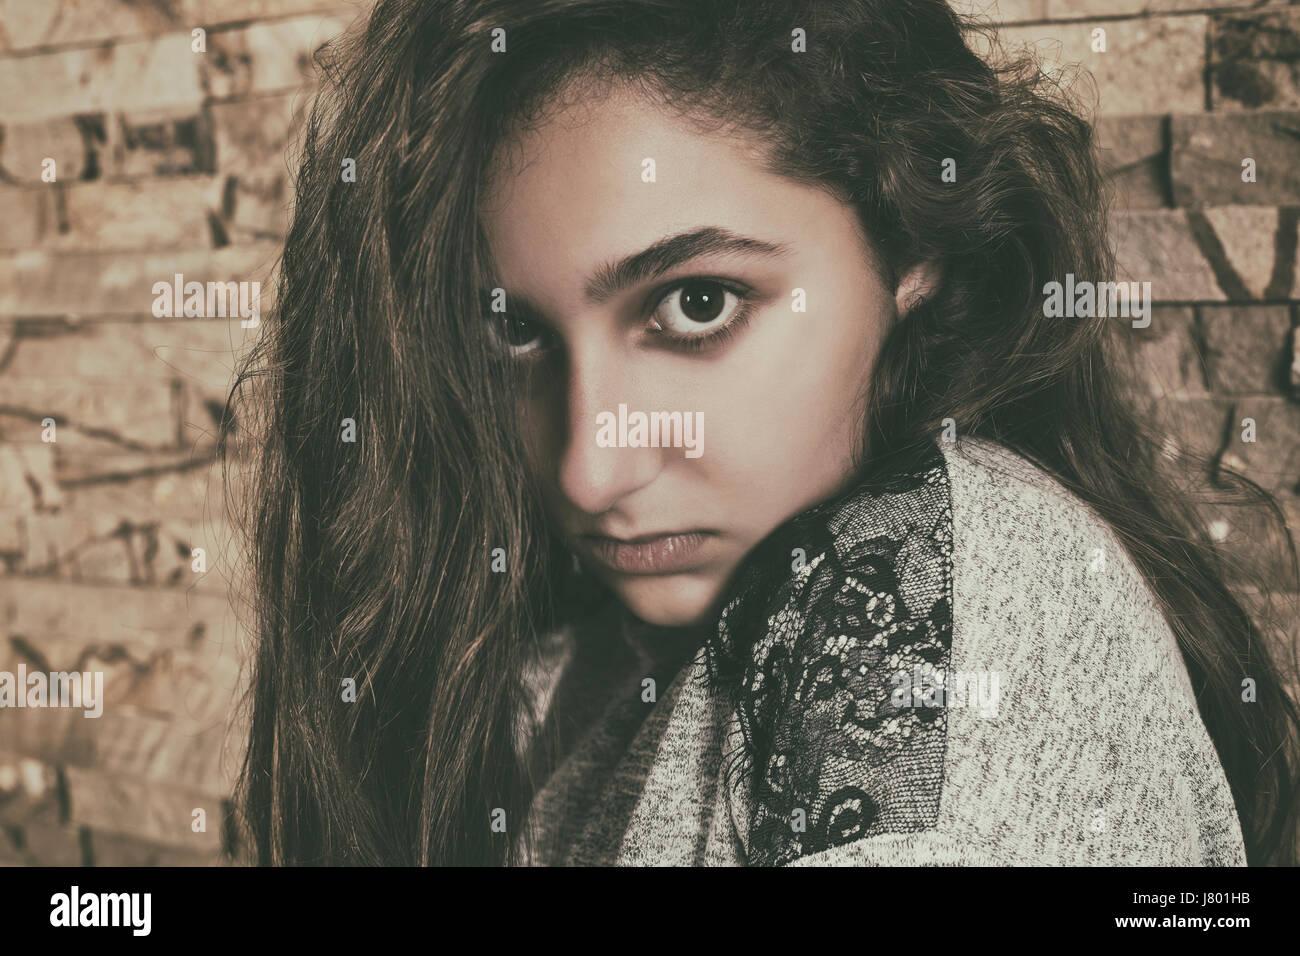 Ritratto di un grave teen ragazza che fissa Immagini Stock